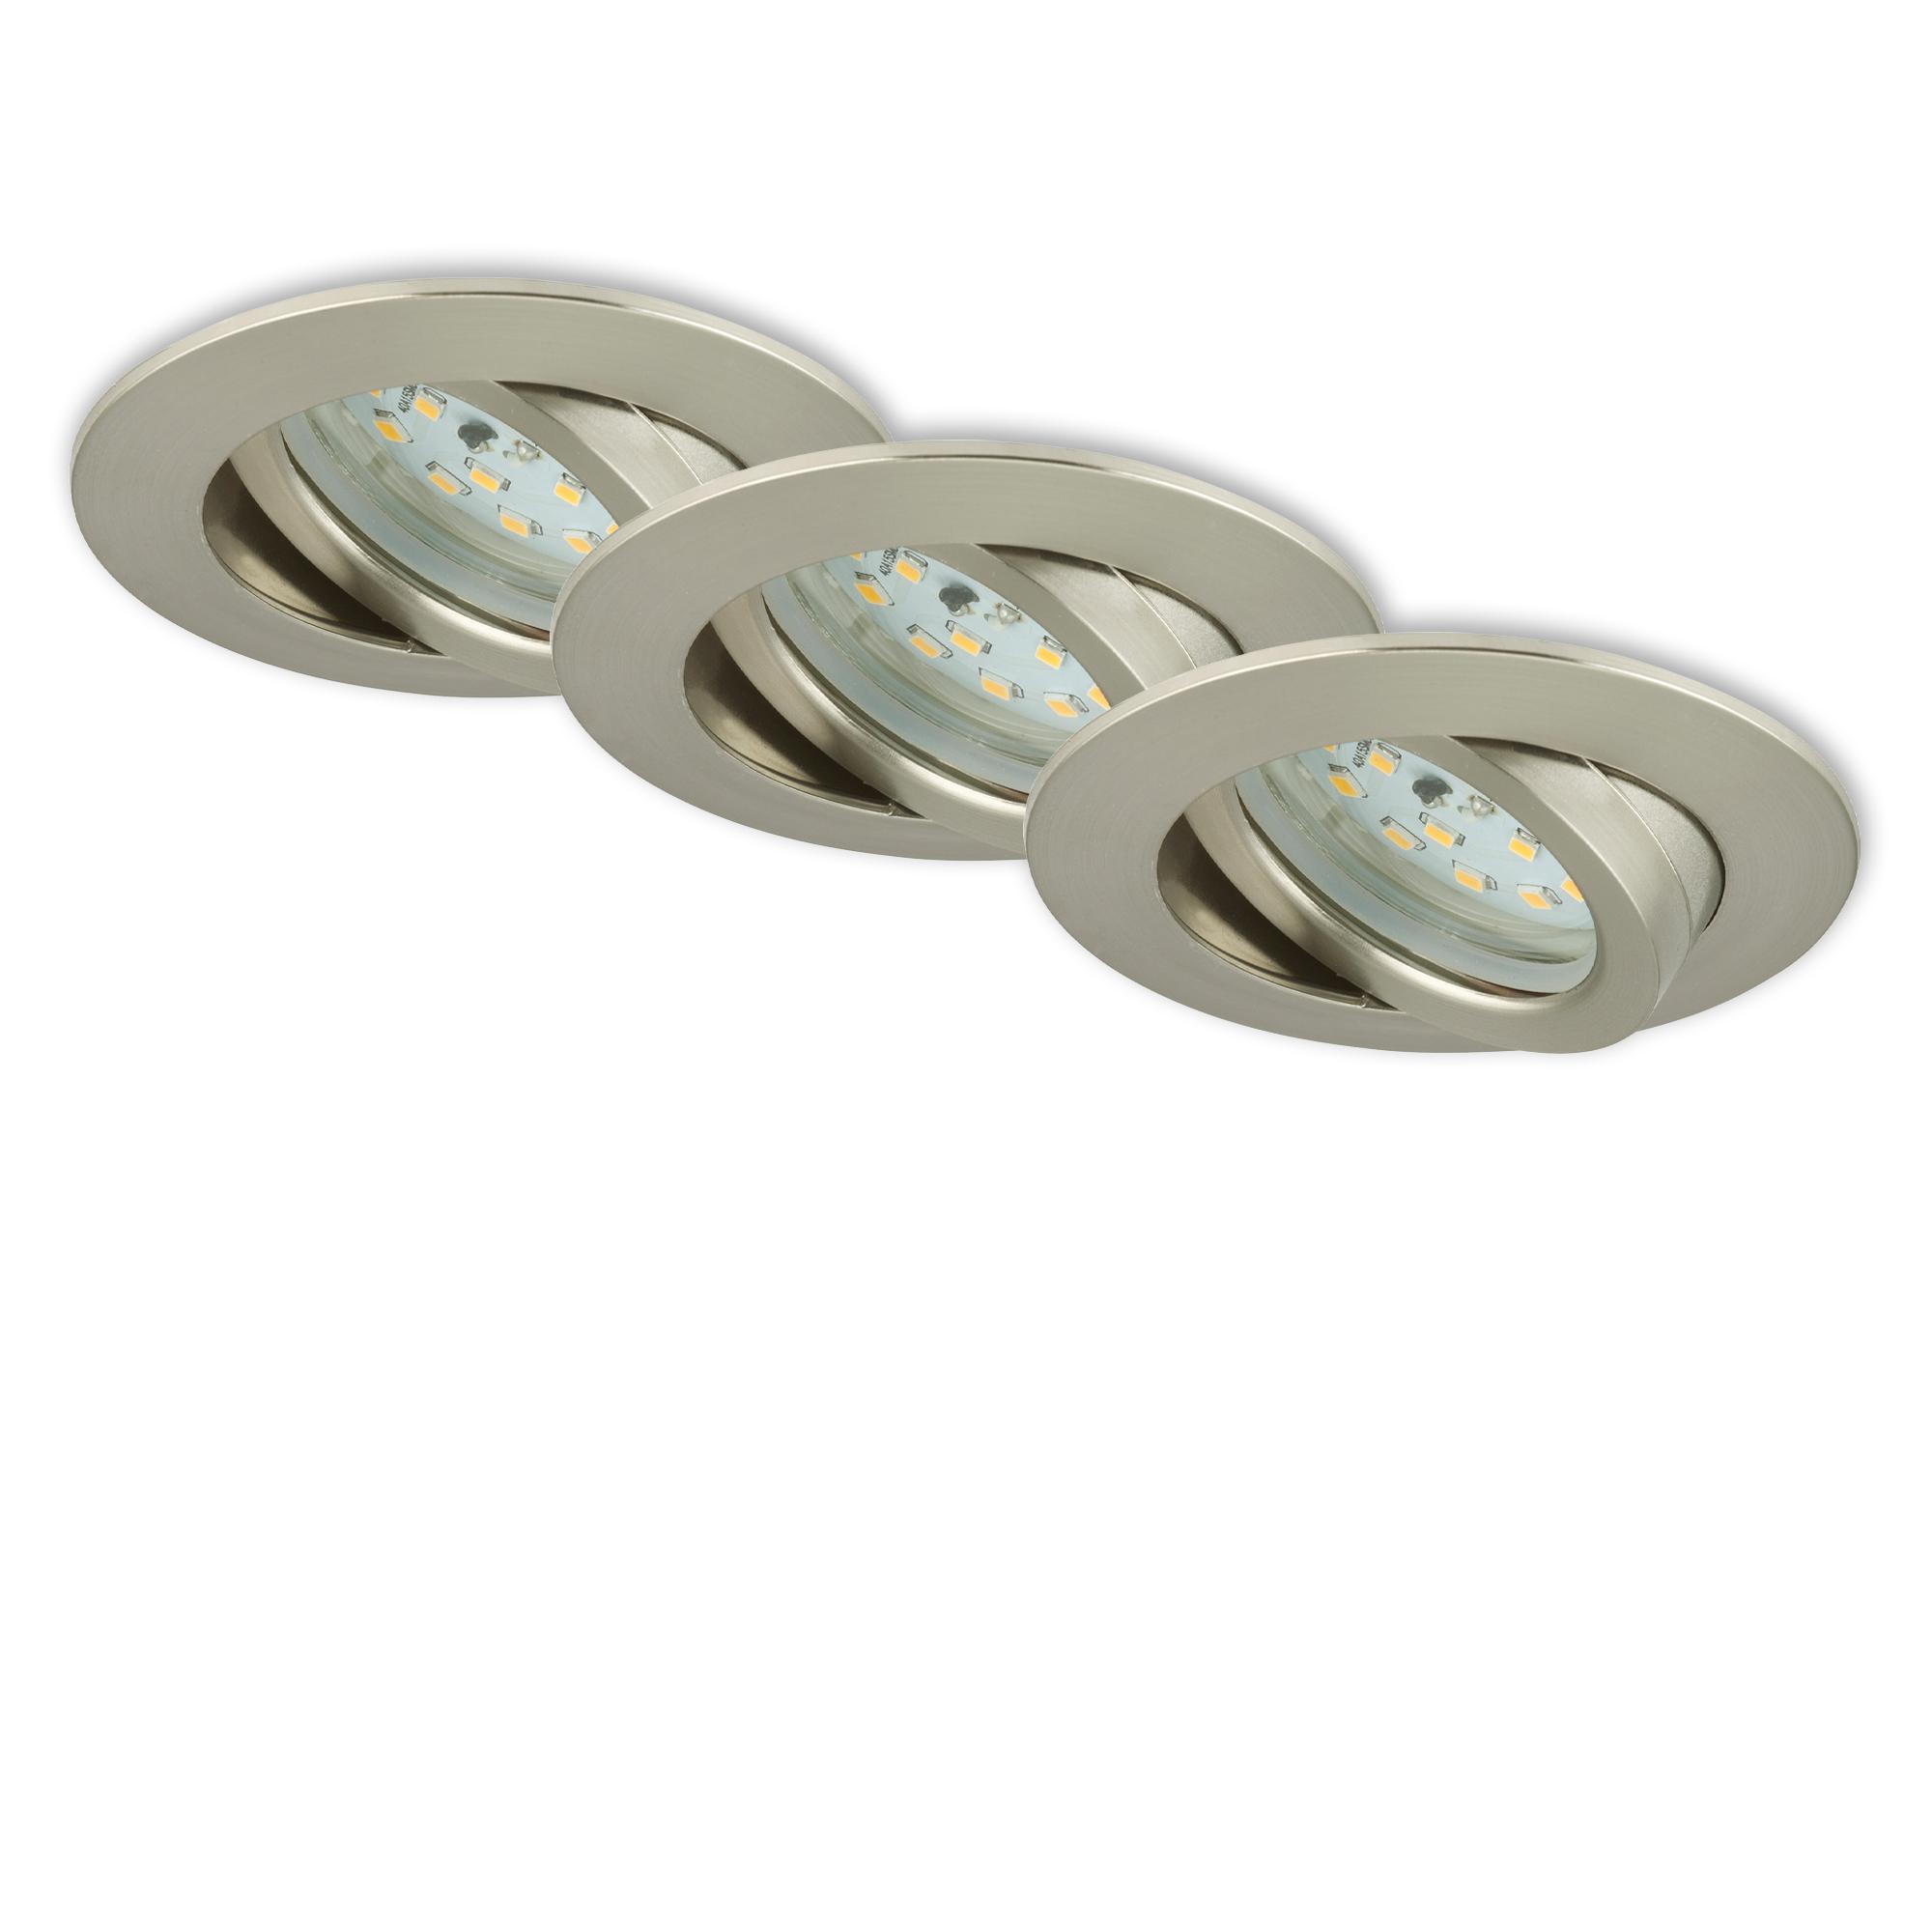 3er Set LED Einbauleuchte, Ø 8,2 cm, 6,5 W, Matt-Nickel